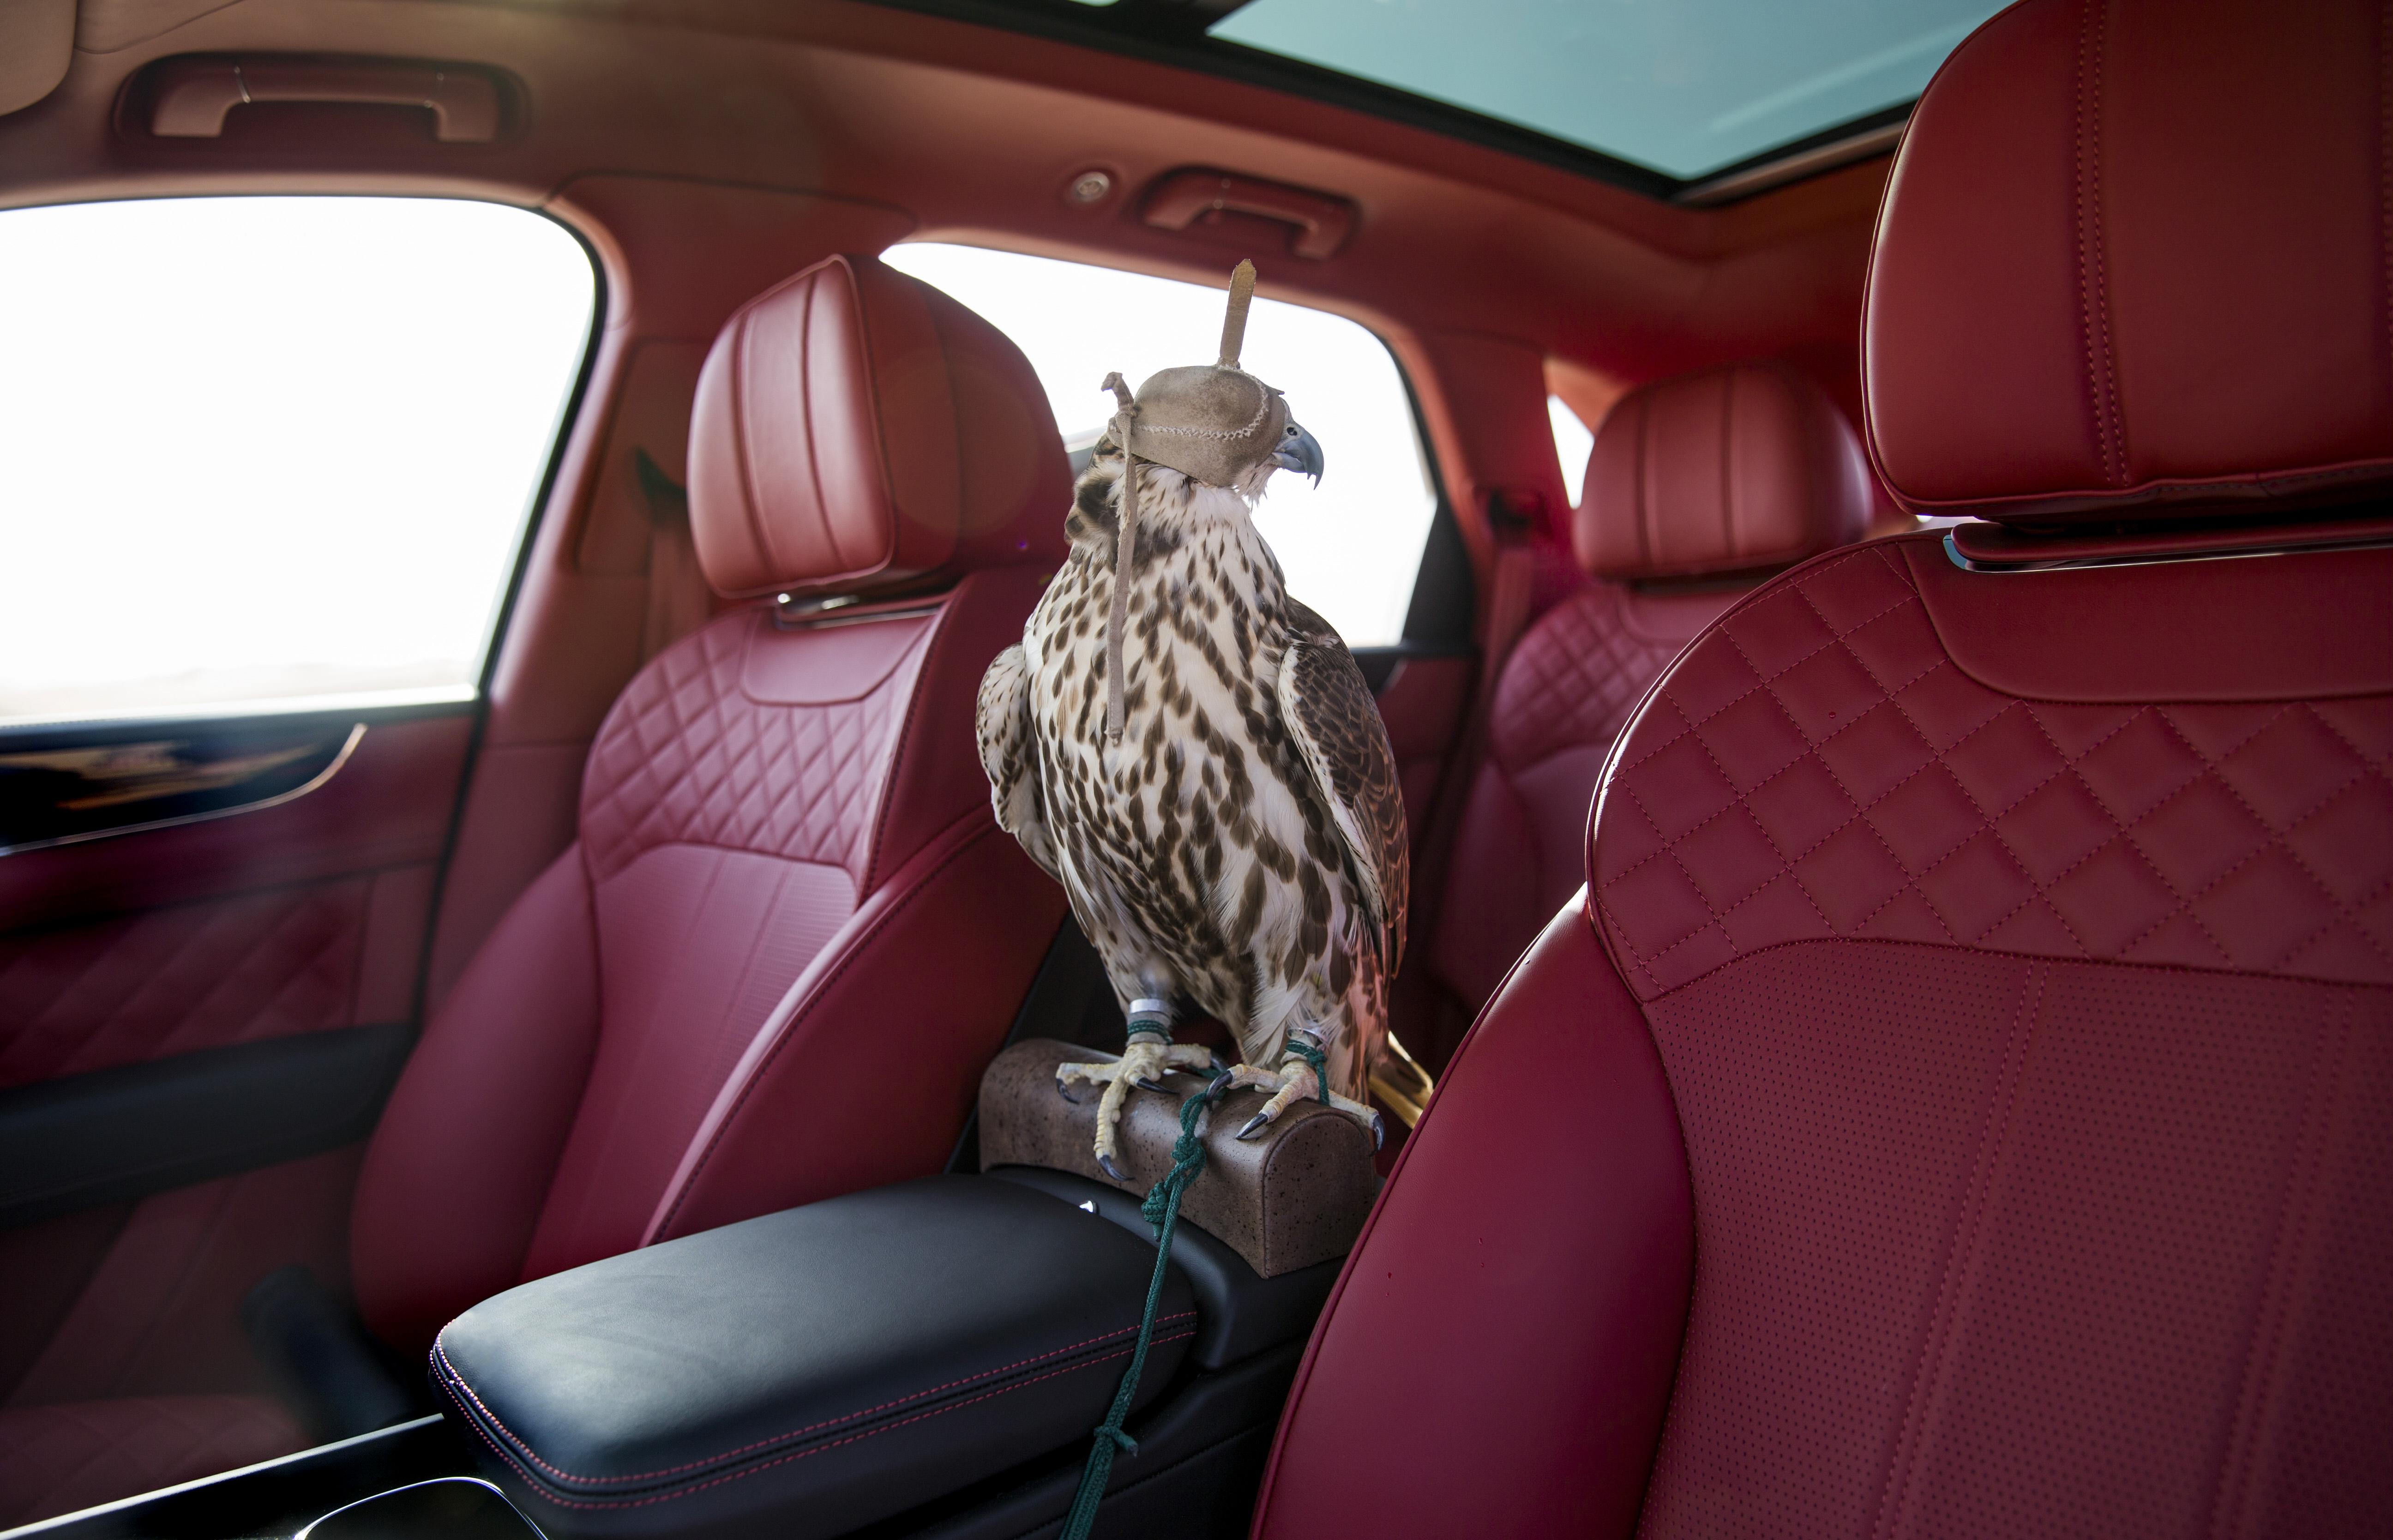 Bentley Falcon Suv For Luxury Car Birding Time